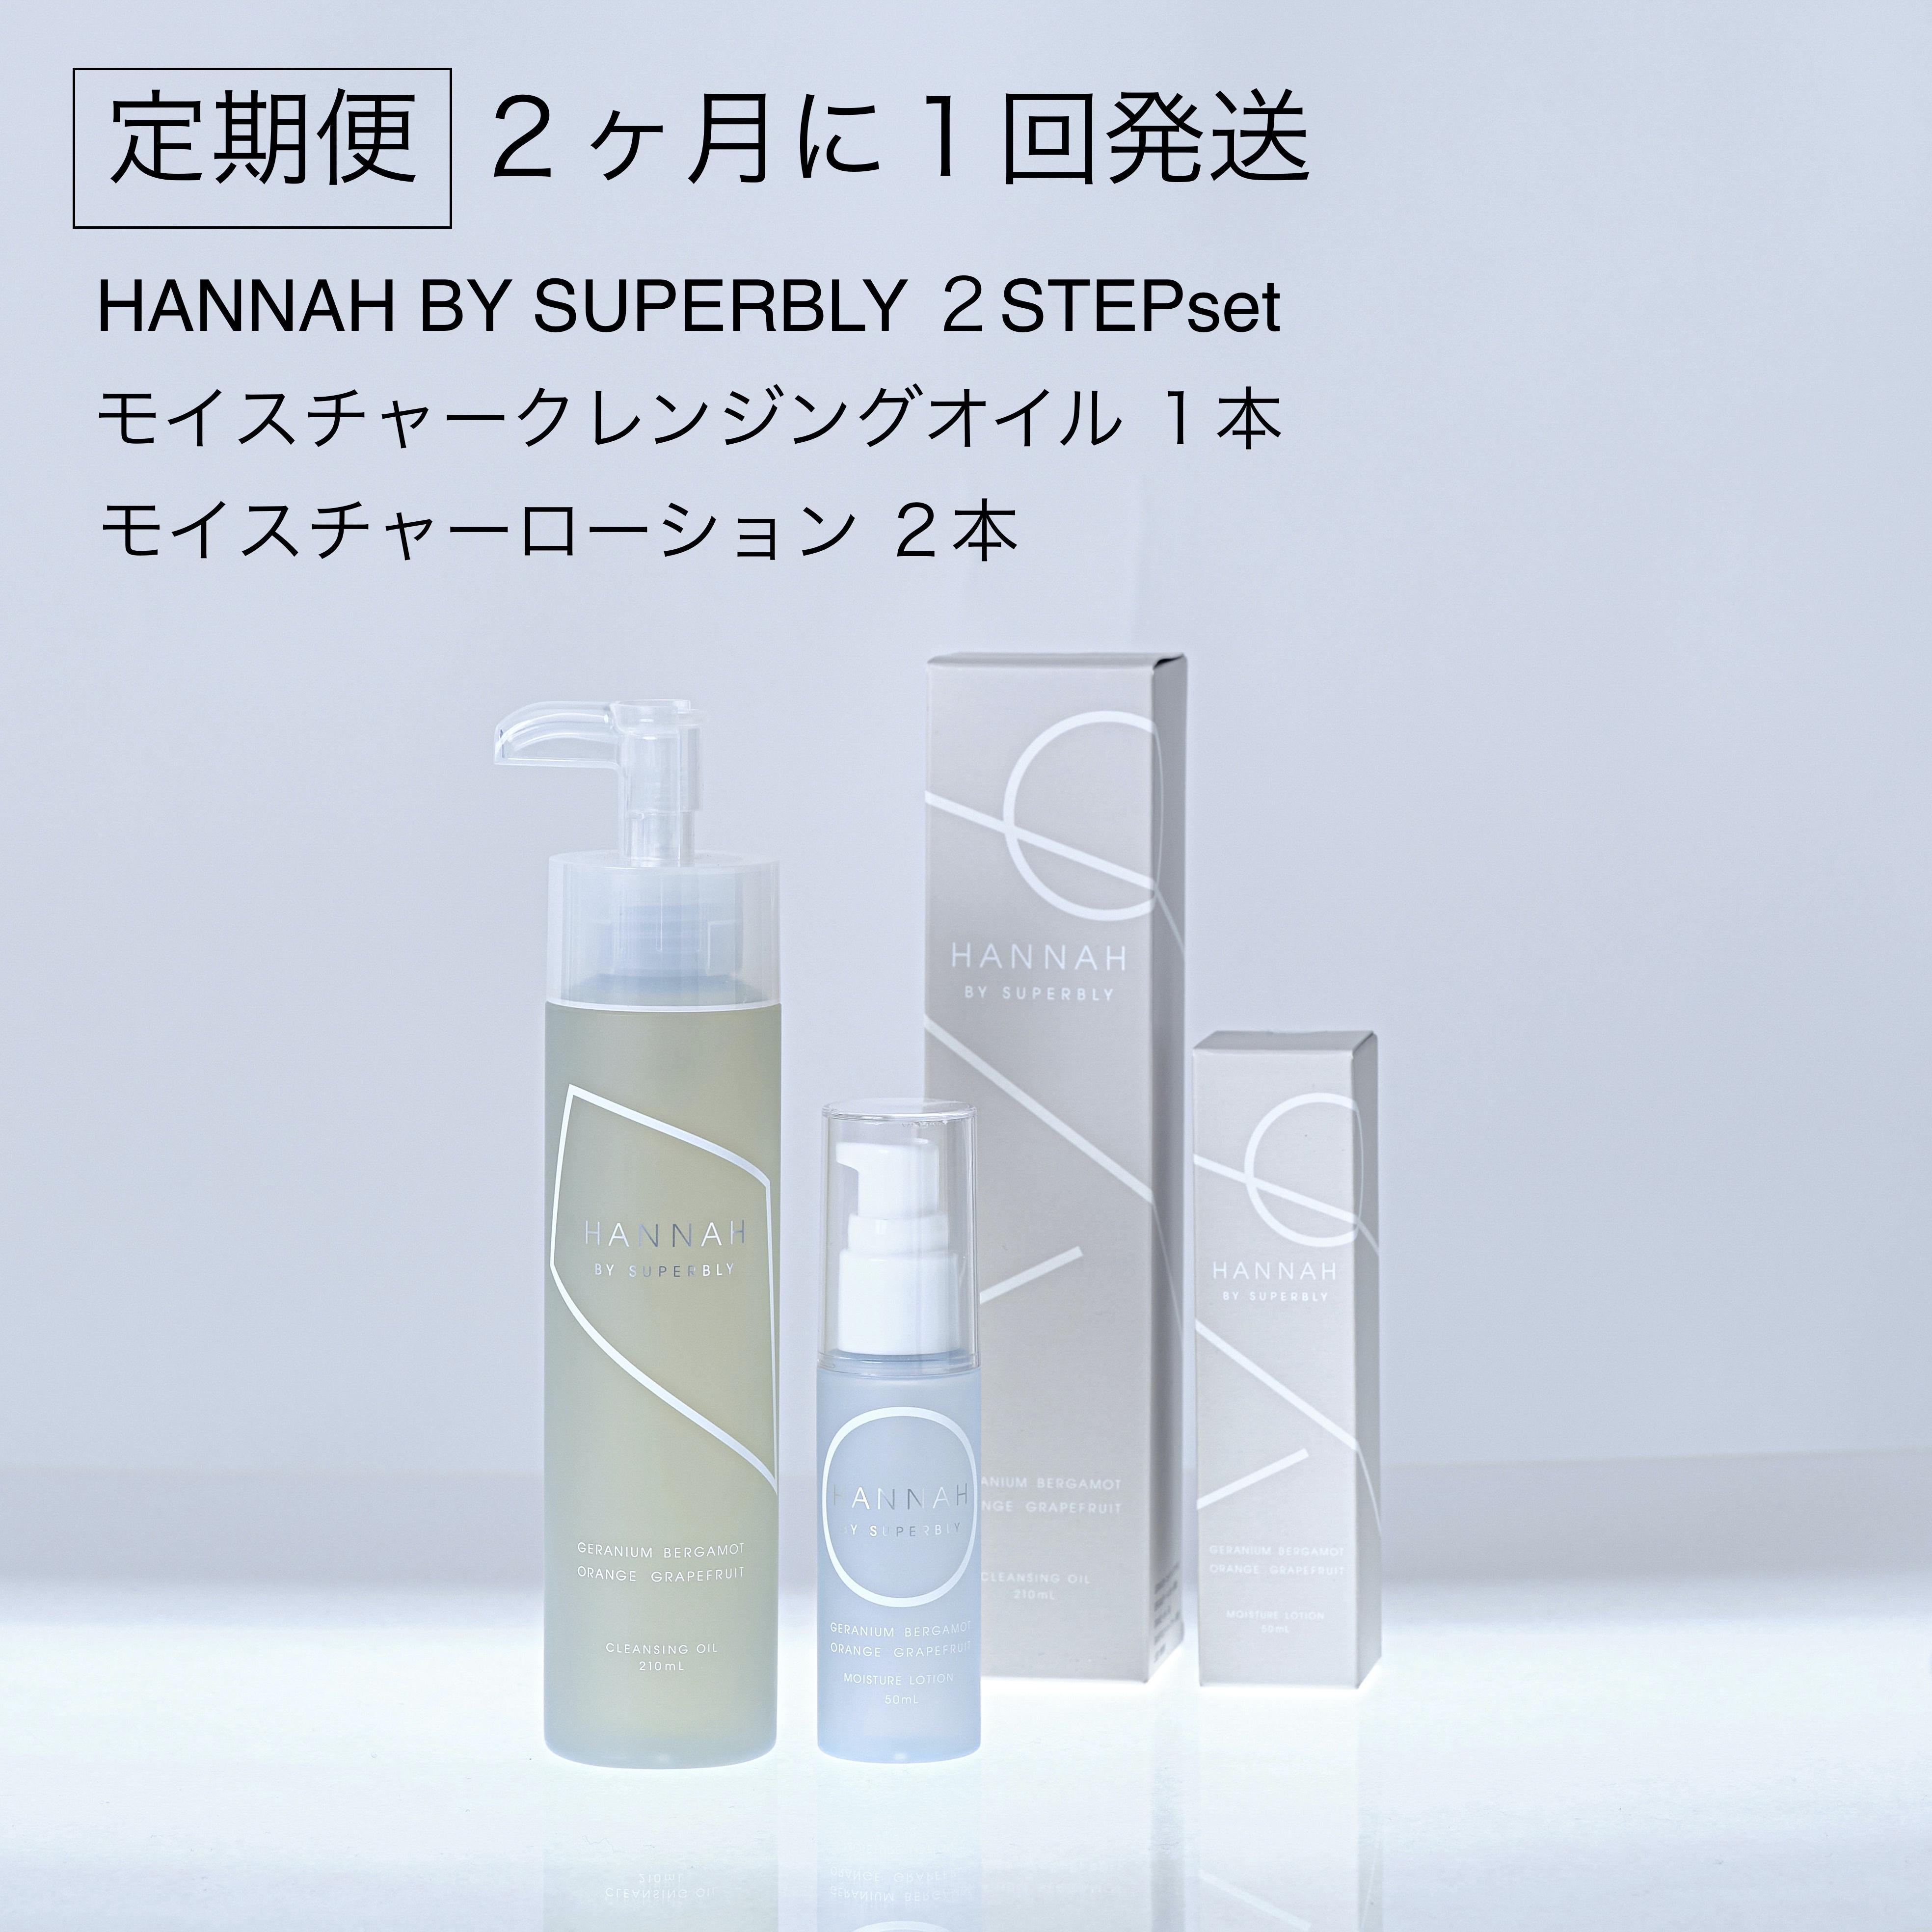 【定期便2ヶ月】HANNAH BY SUPERBLY モイスチャークレンジングオイル&モイスチャーローションセット